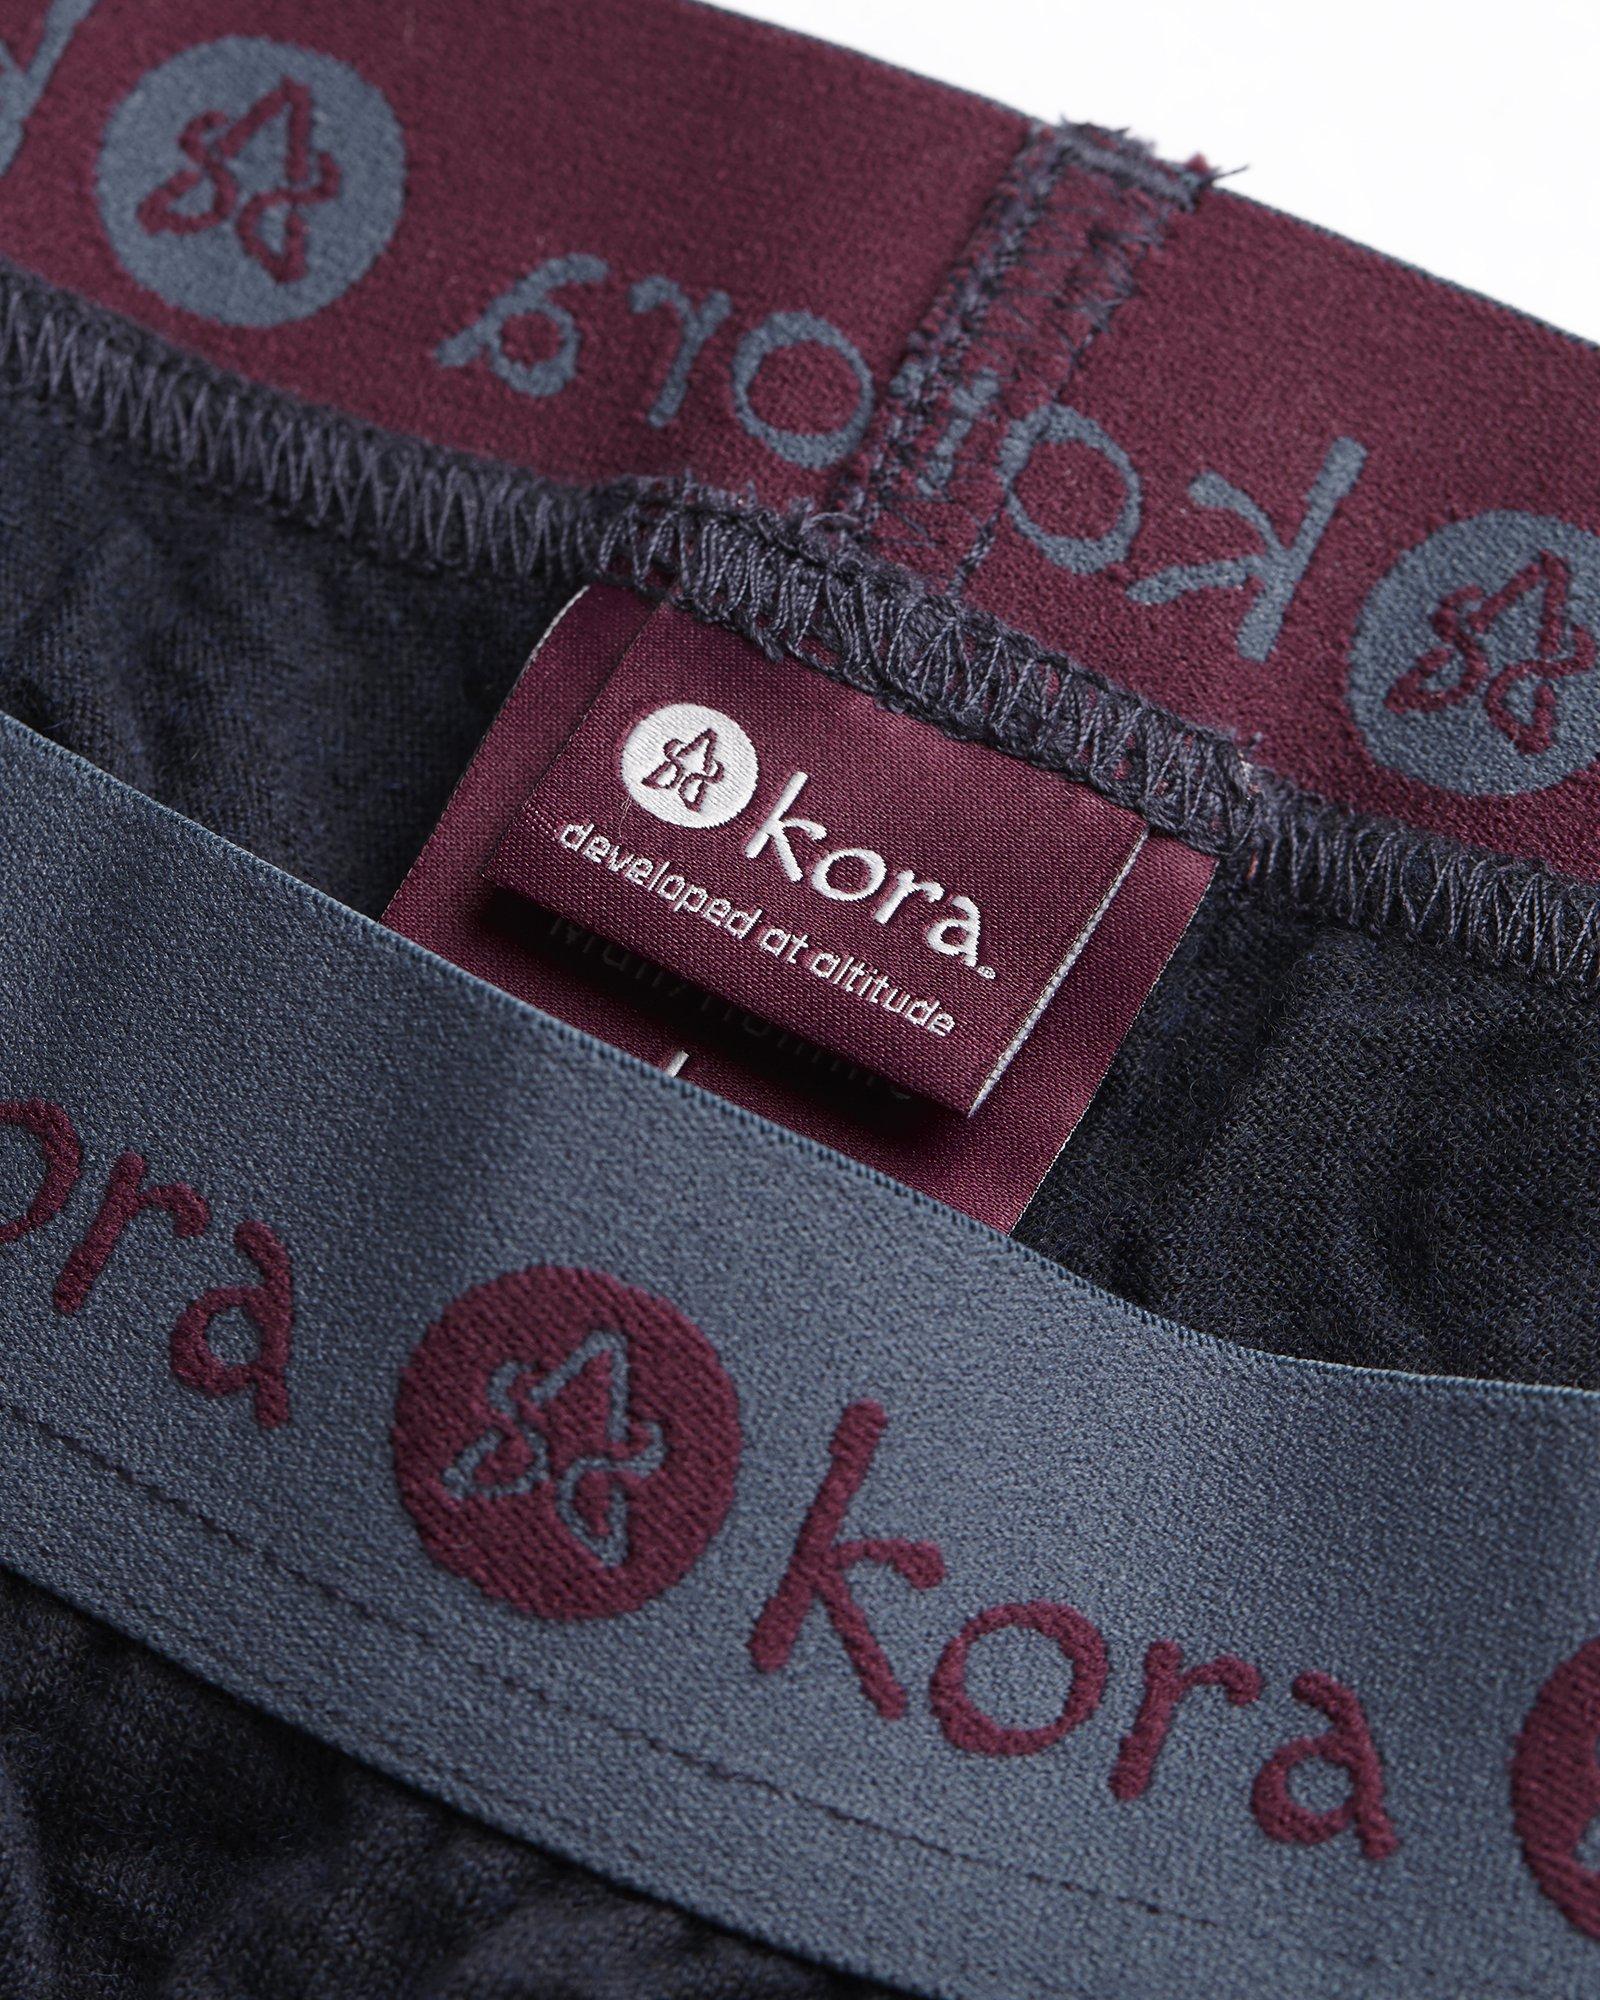 91jBgb58DIL - kora Men's Shola 230 Leggings